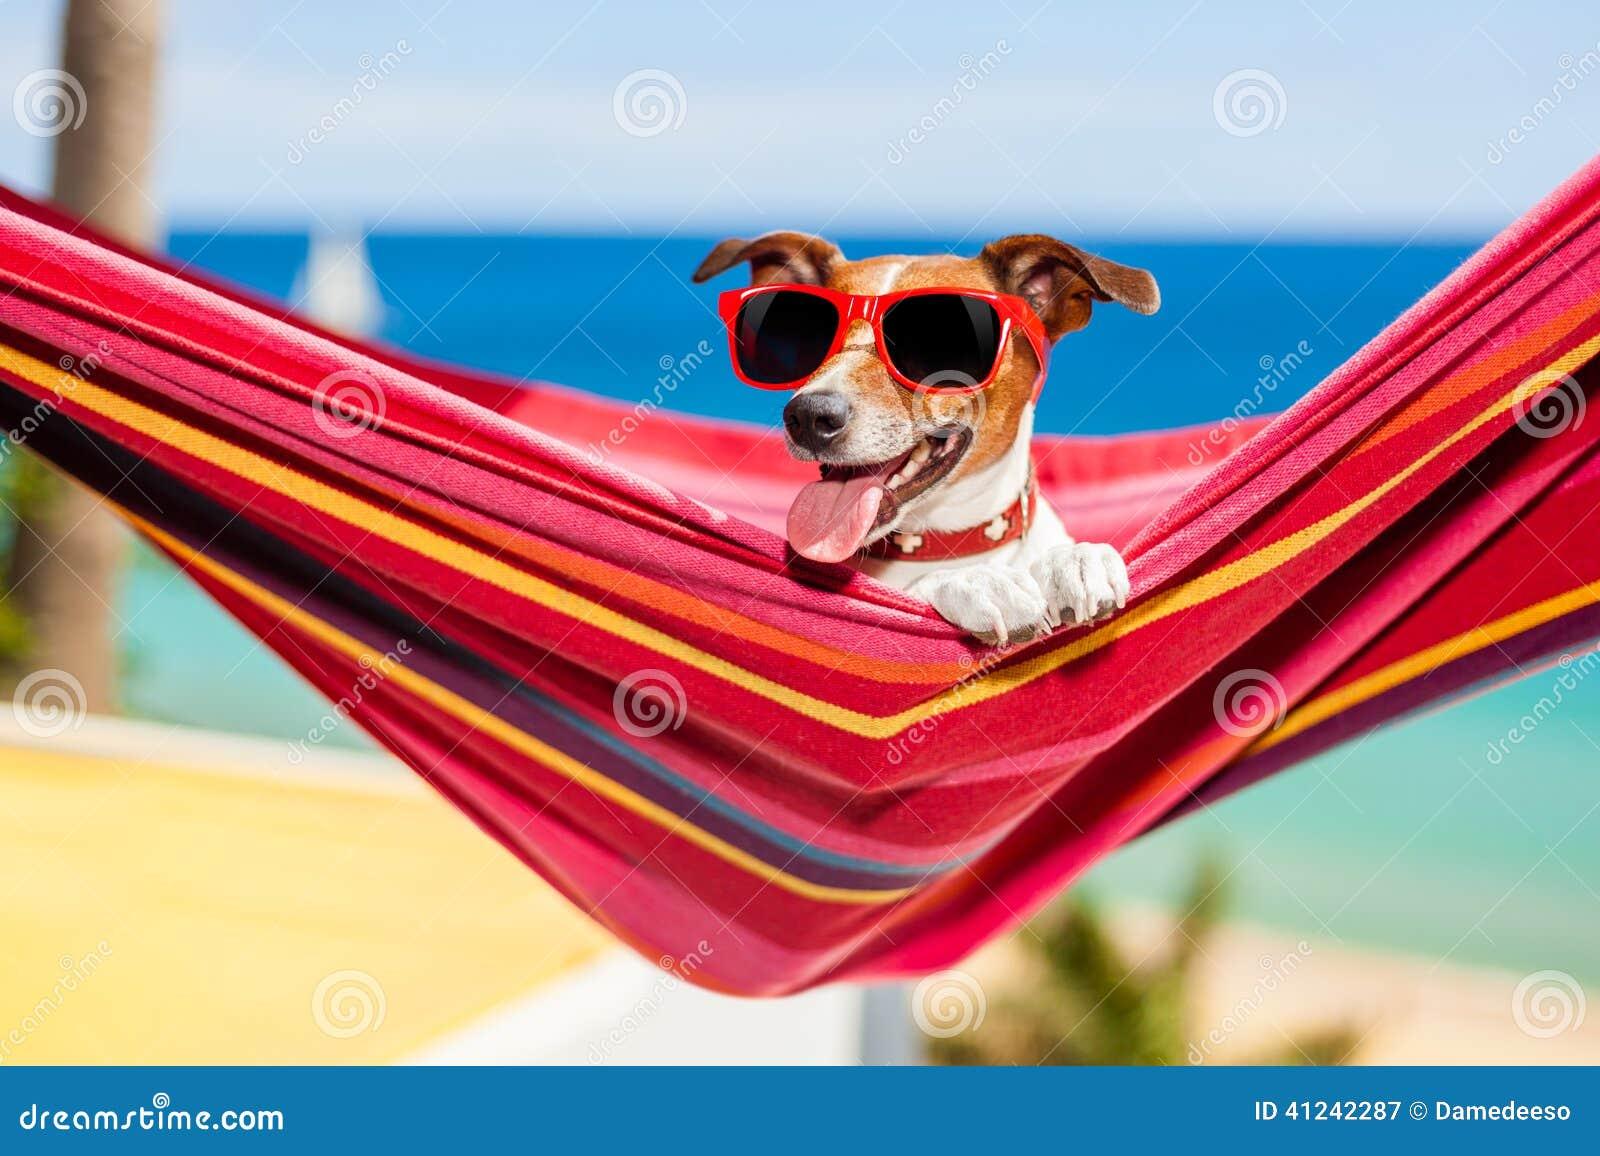 Hund Auf H 228 Ngematte Stockfoto Bild 41242287